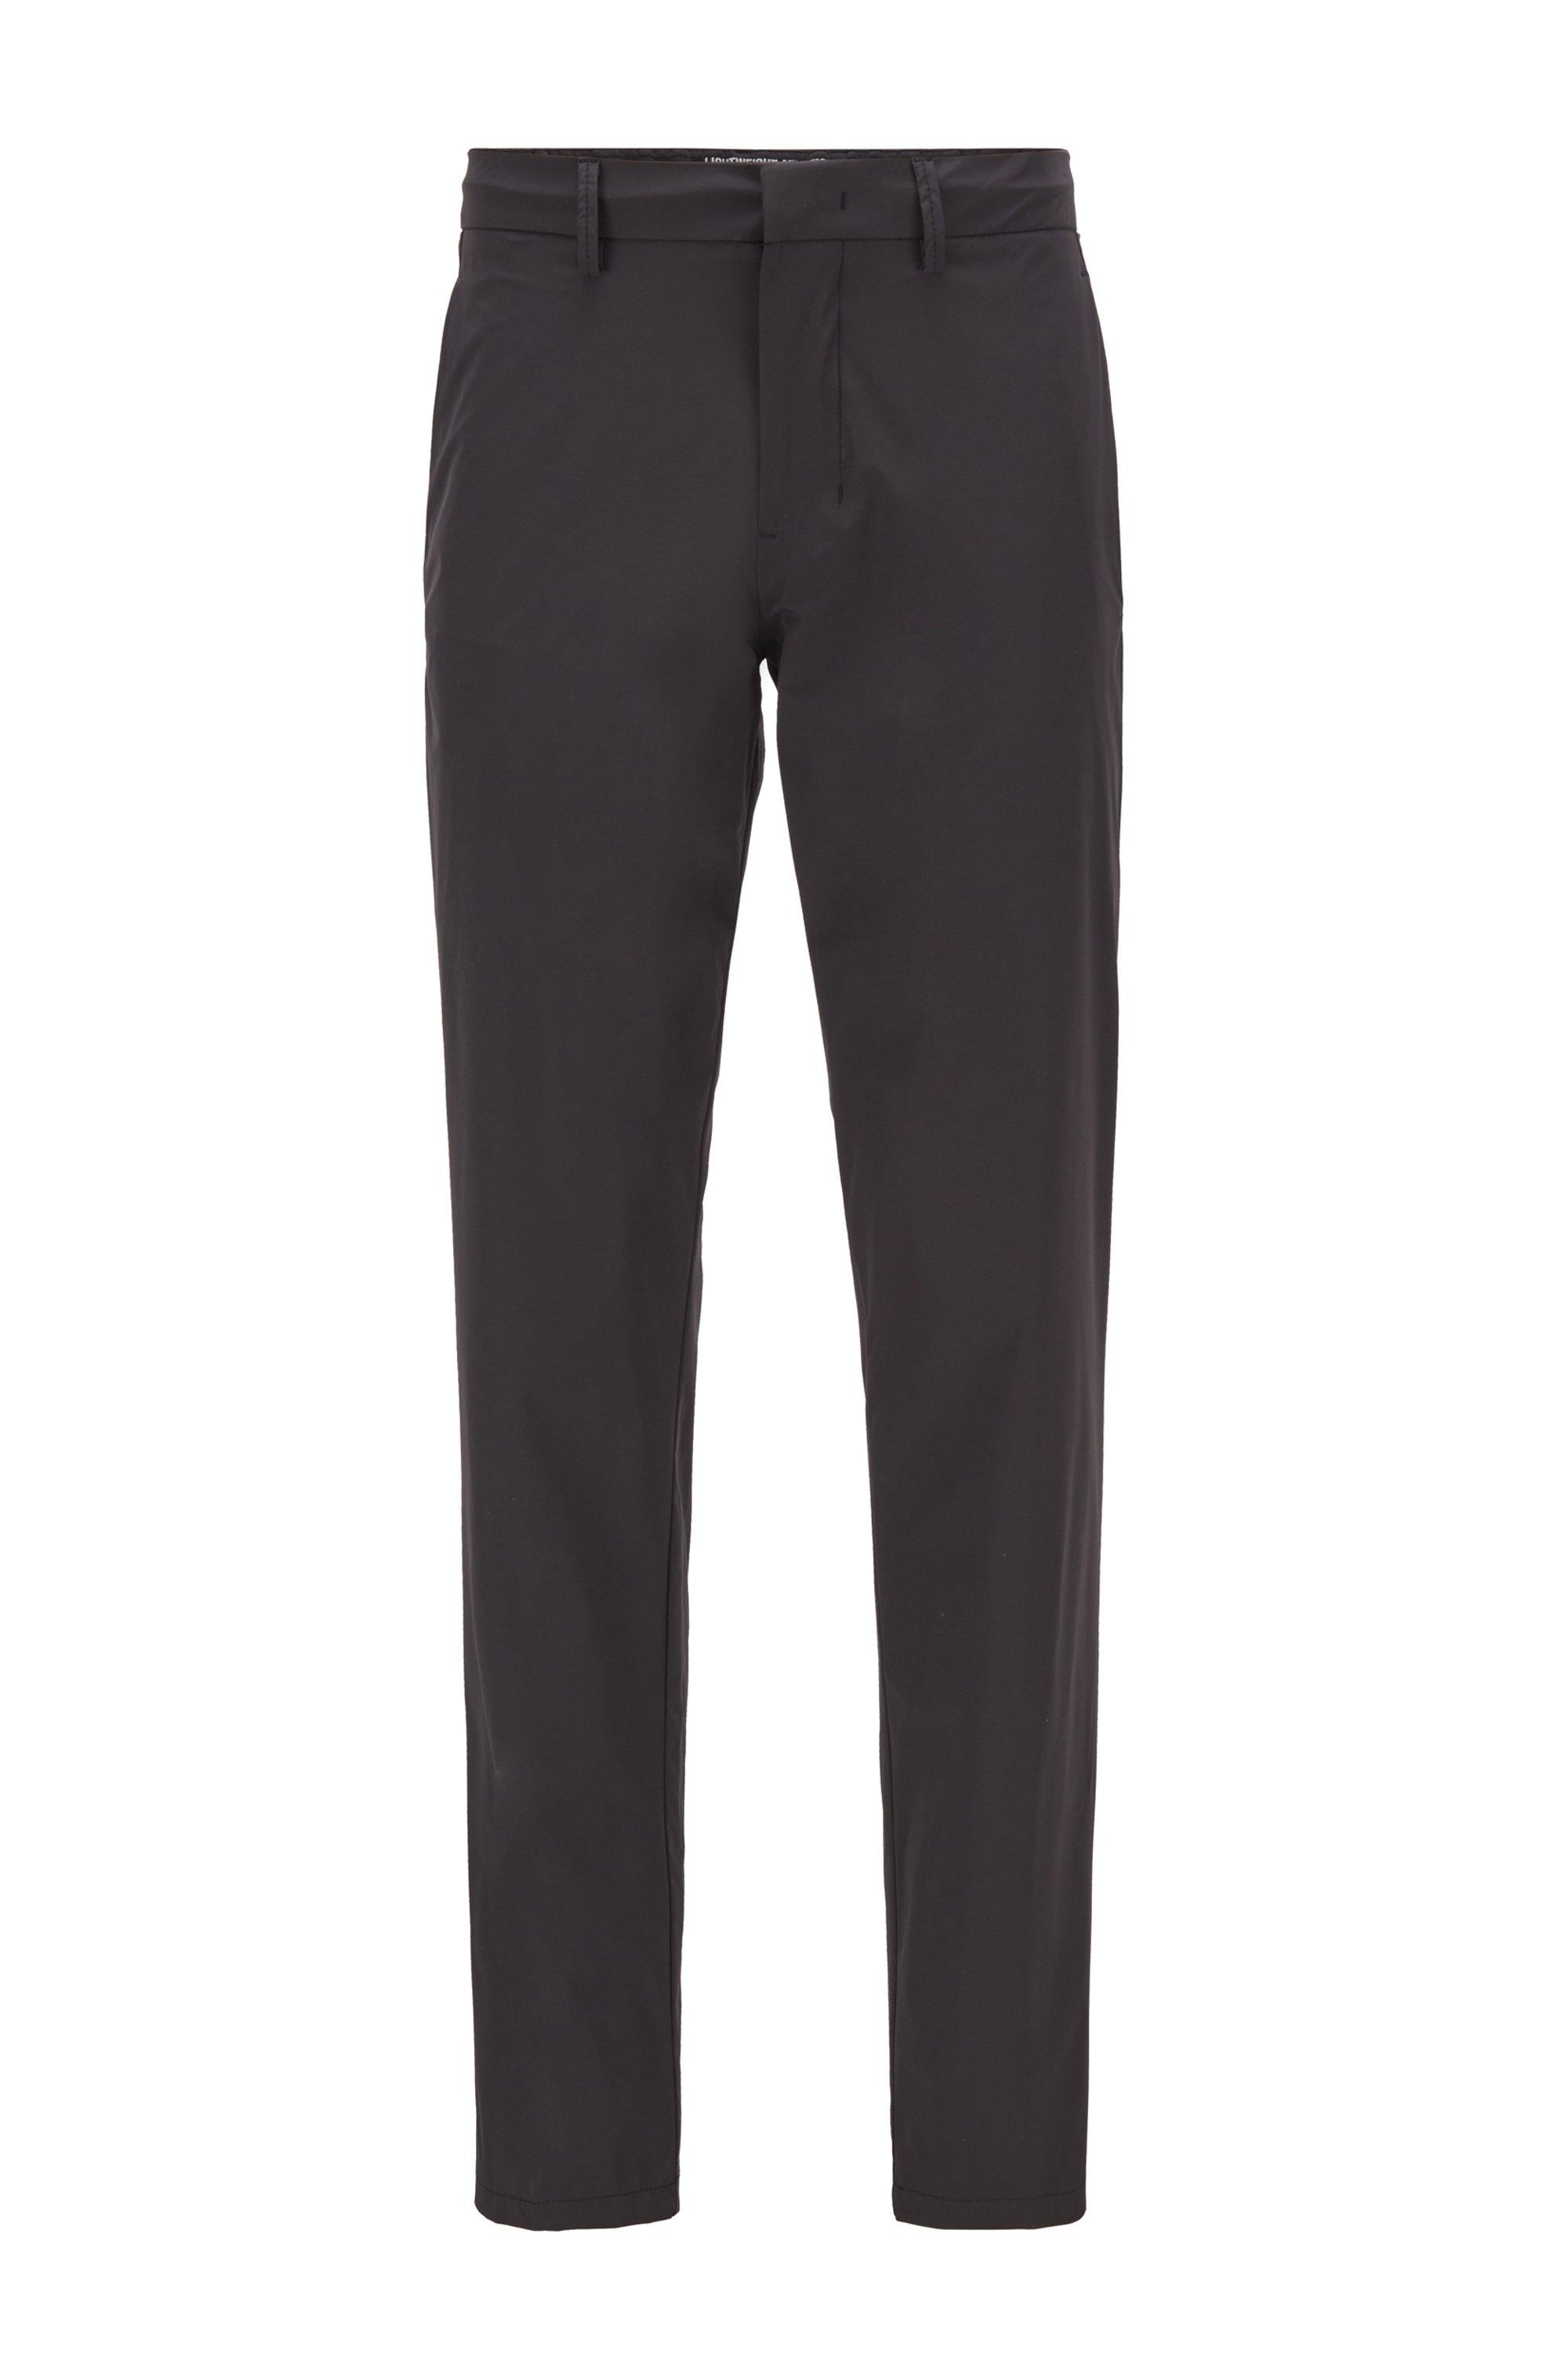 Slim-Fit Hose aus wasserabweisendem Stretch-Gewebe, Schwarz